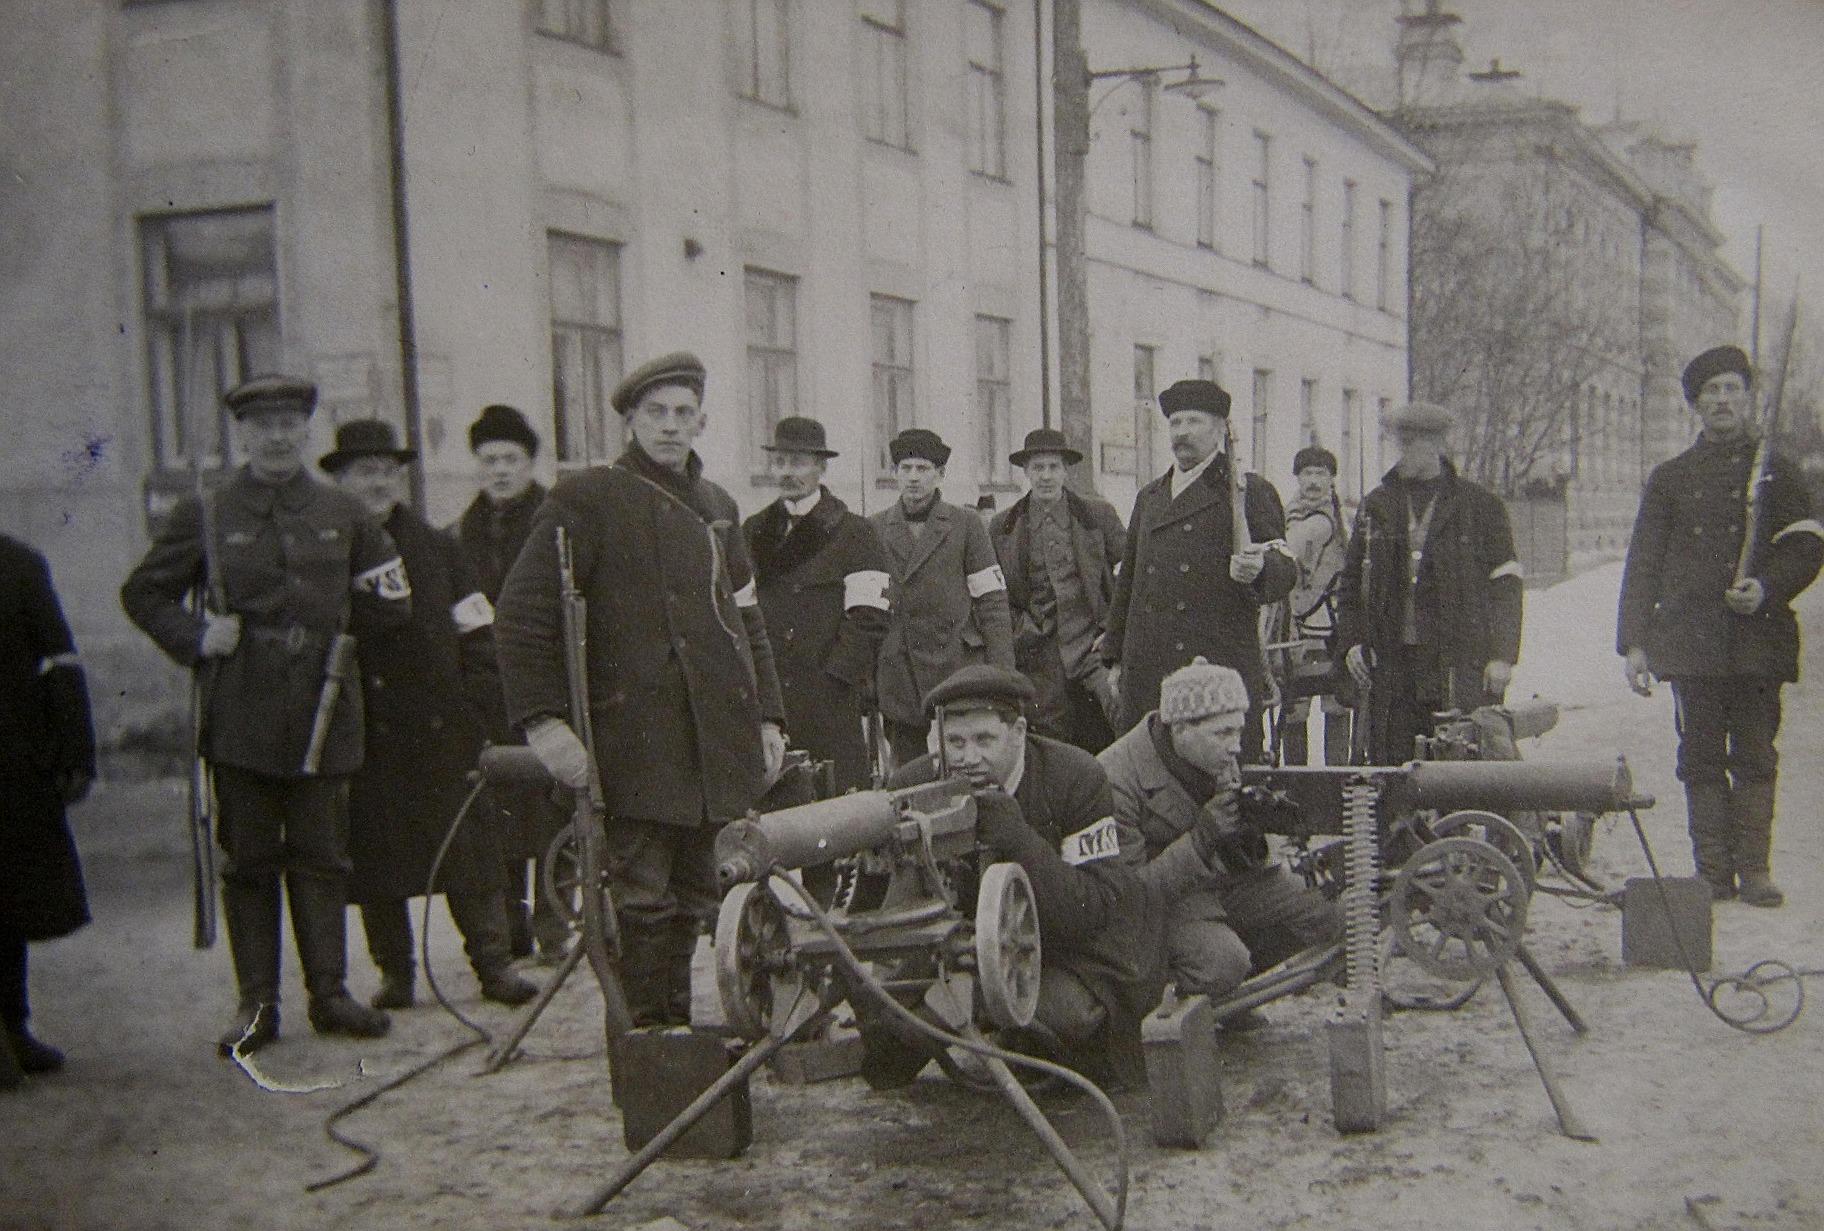 Då inbördeskriget bröt ut i slutet på januari 1918, så hade de vita trupperna inga vapen alls och inte någon militär utbildning heller för den delen. Endast ett fåtal hade uniform, så det var den vita armbindeln som visade på vilken sina trupperna stod. Vapnen på bilden som är tagen på Rådhusgatan i Vasa är sådana som beslagtagits av de ryska trupper som tidigare hade avväpnats.